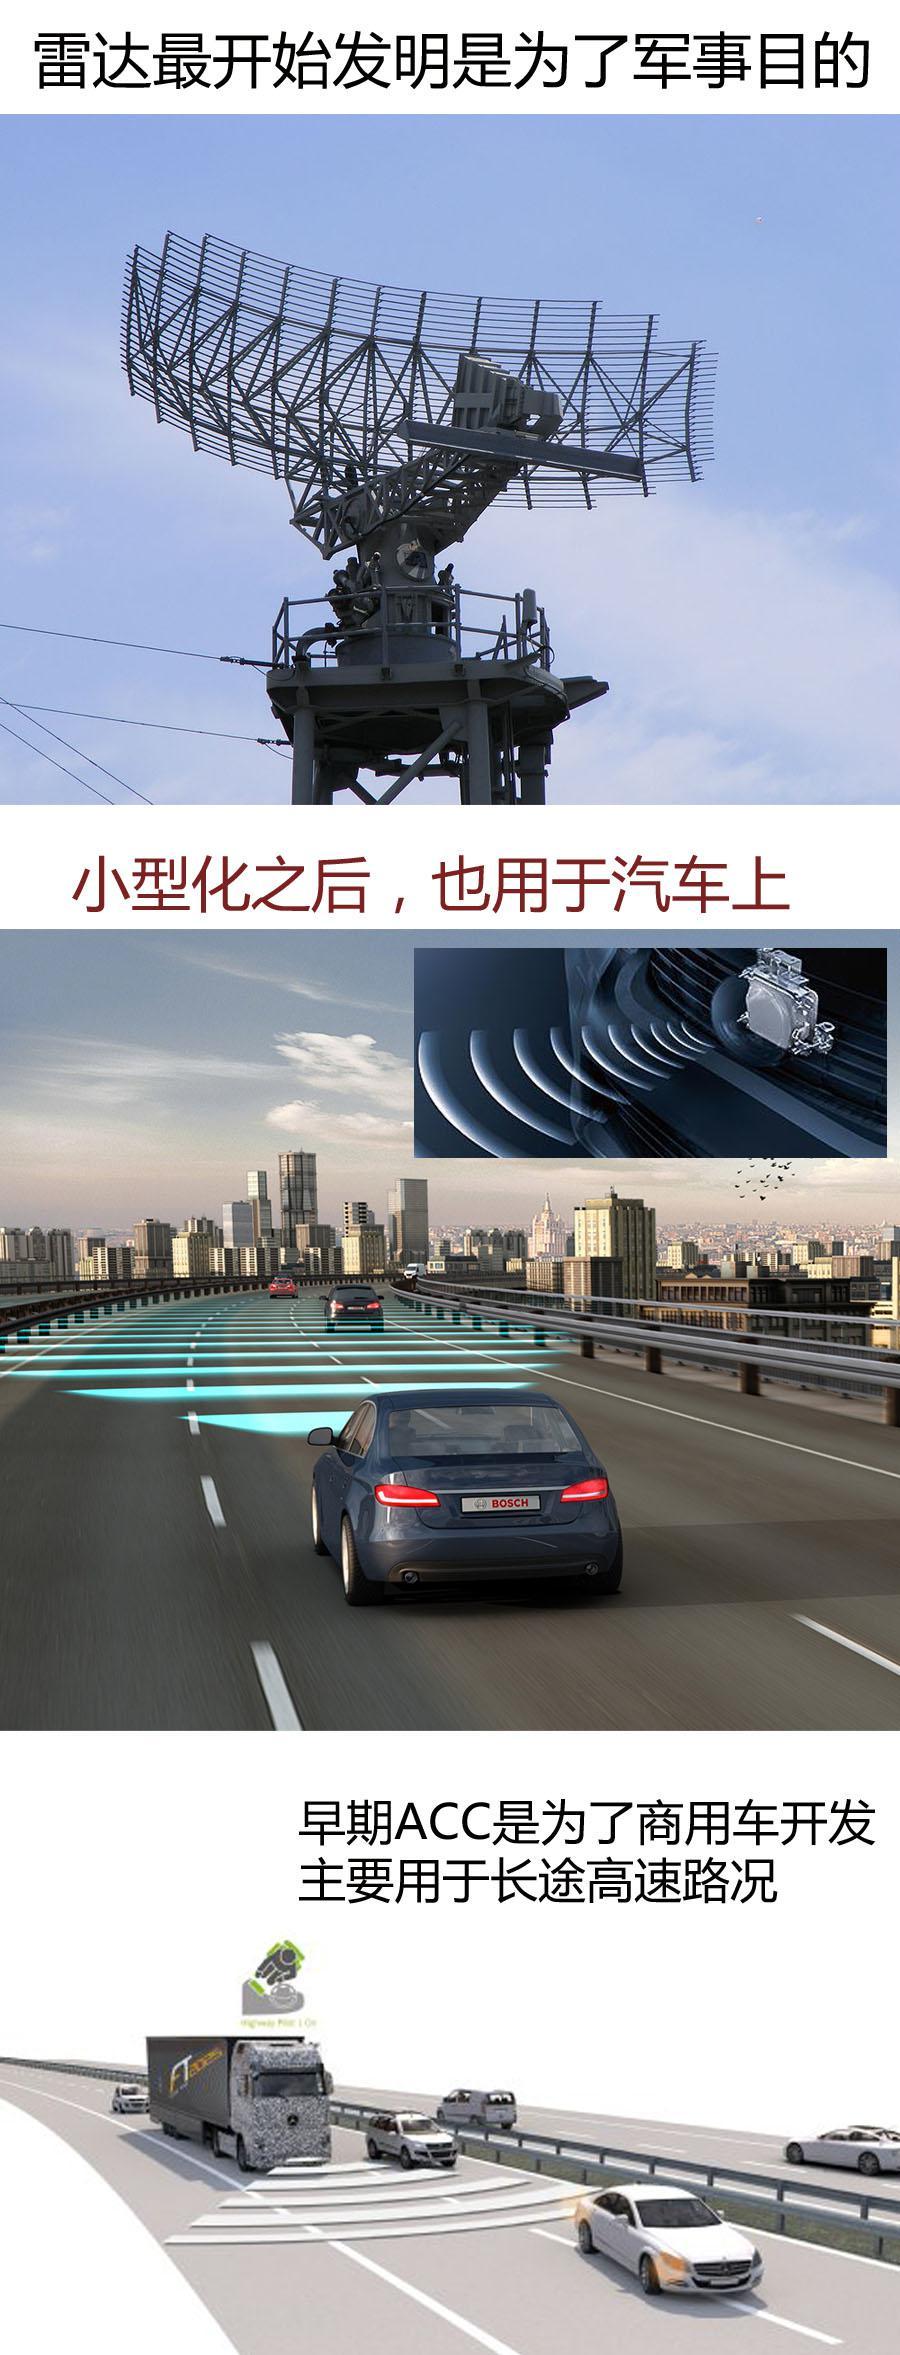 自动驾驶初级班 聊聊ACC自适应巡航技术